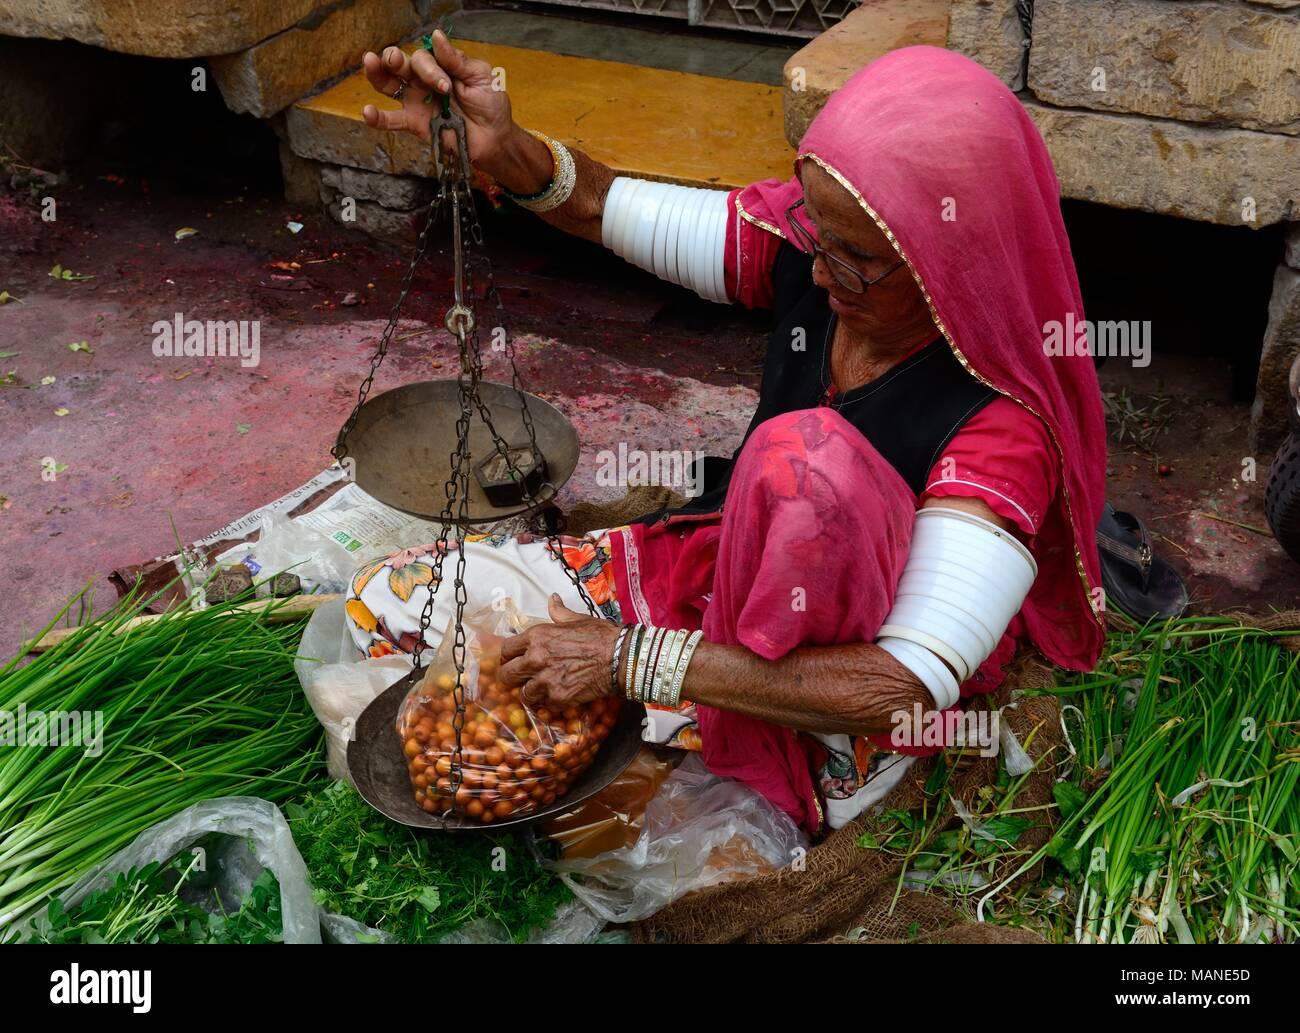 Ancianos mujer India vendiendo frutas y verduras llevaba muchos brazaletes blancos en sus brazos para alentar a la larga vida de su marido Jaisalmer India Imagen De Stock